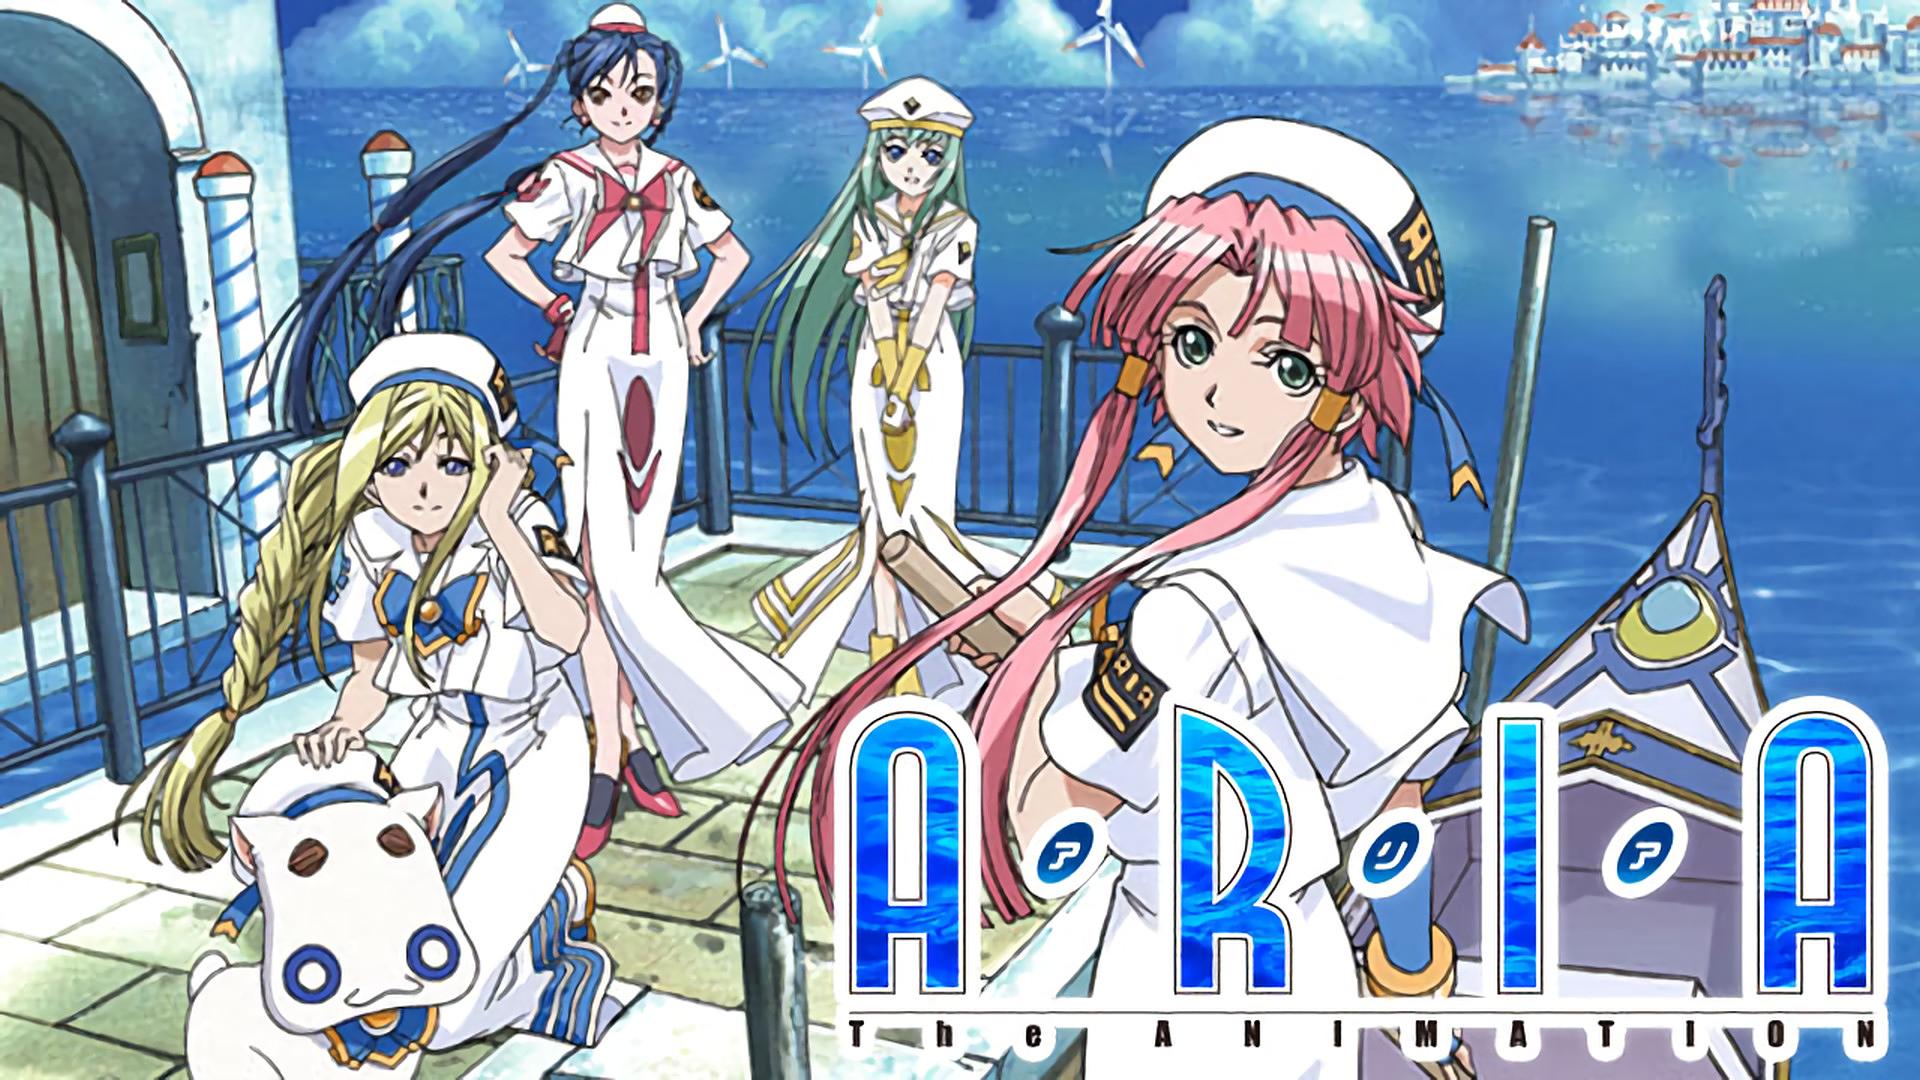 ARIA The ANIMATION | アニメ動画見放題 | dアニメストア